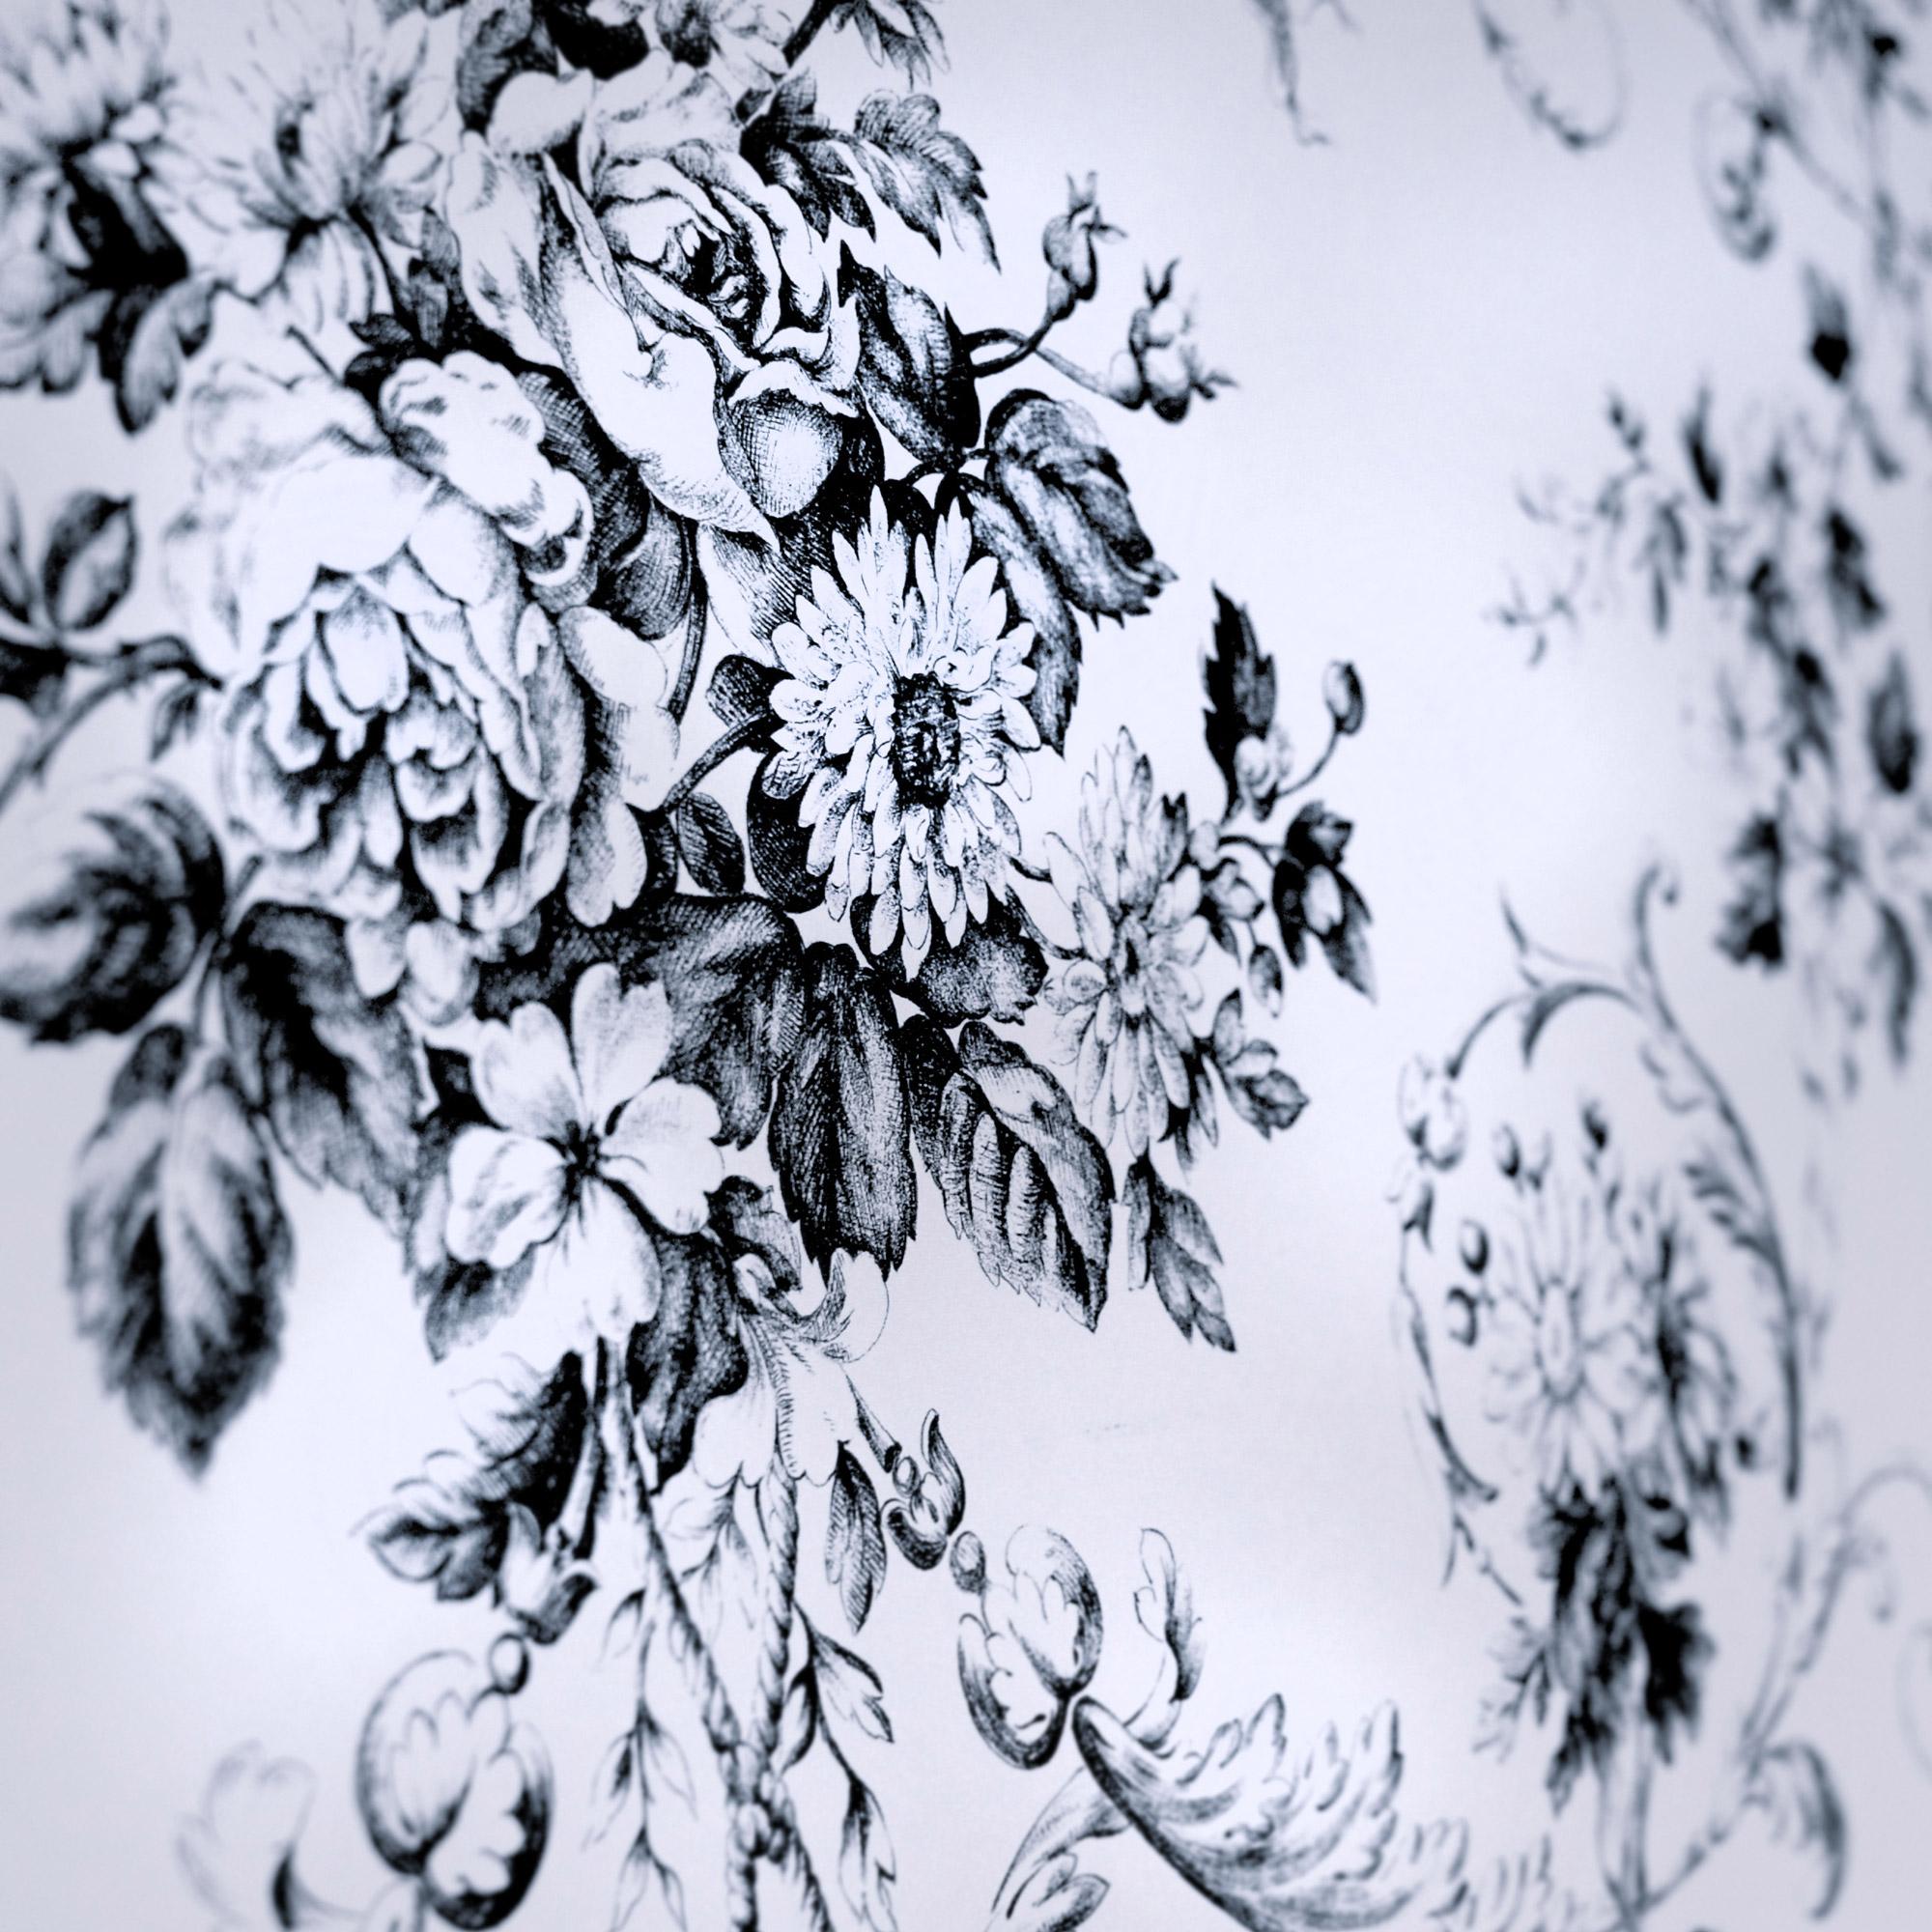 Gros plan de motif de toile de Jouy en noir et blanc